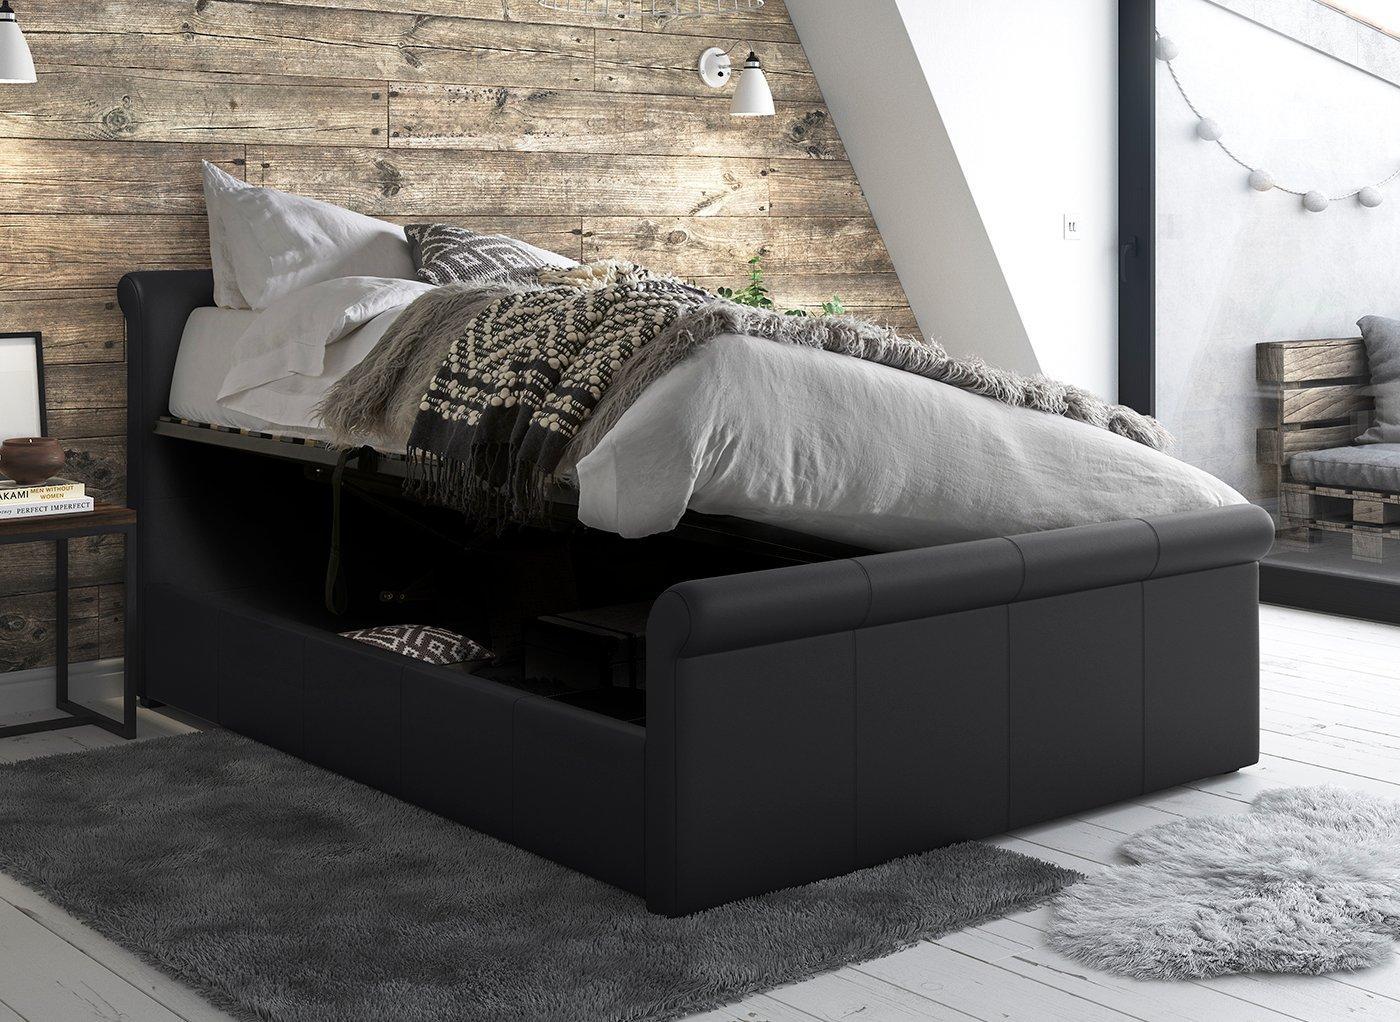 wilson-upholstered-ottoman-bed-frame